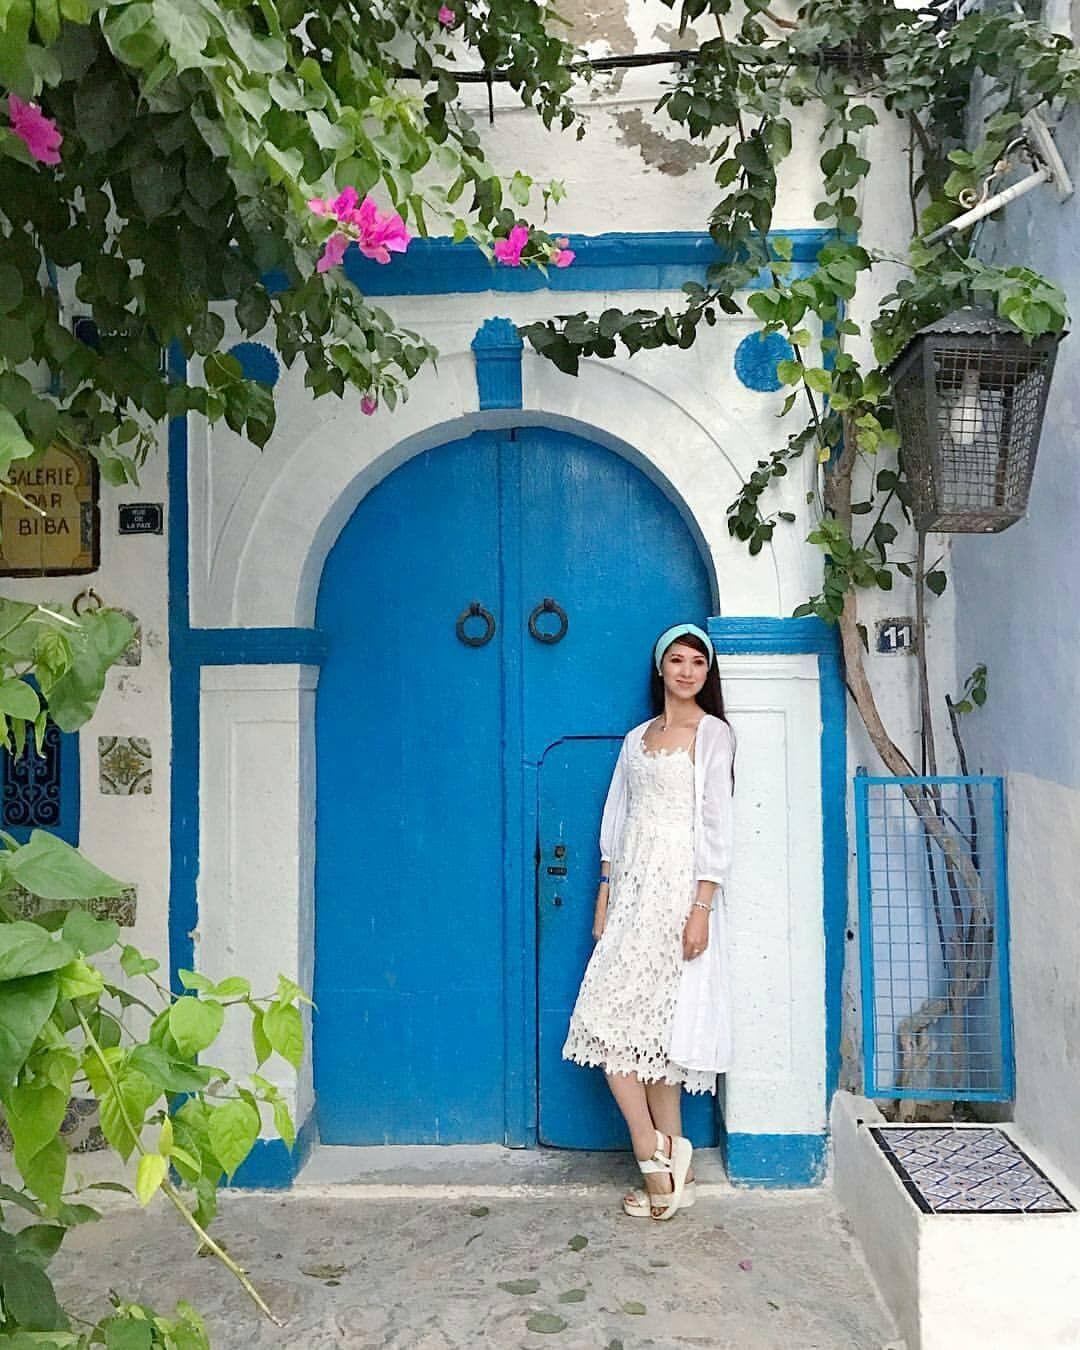 البعض من ازقة المدينة العتيقة بالحمامات التابعة لولاية نابل الحمامات نابل تونس اكتشف تونس السياحة في تونس Some Photos